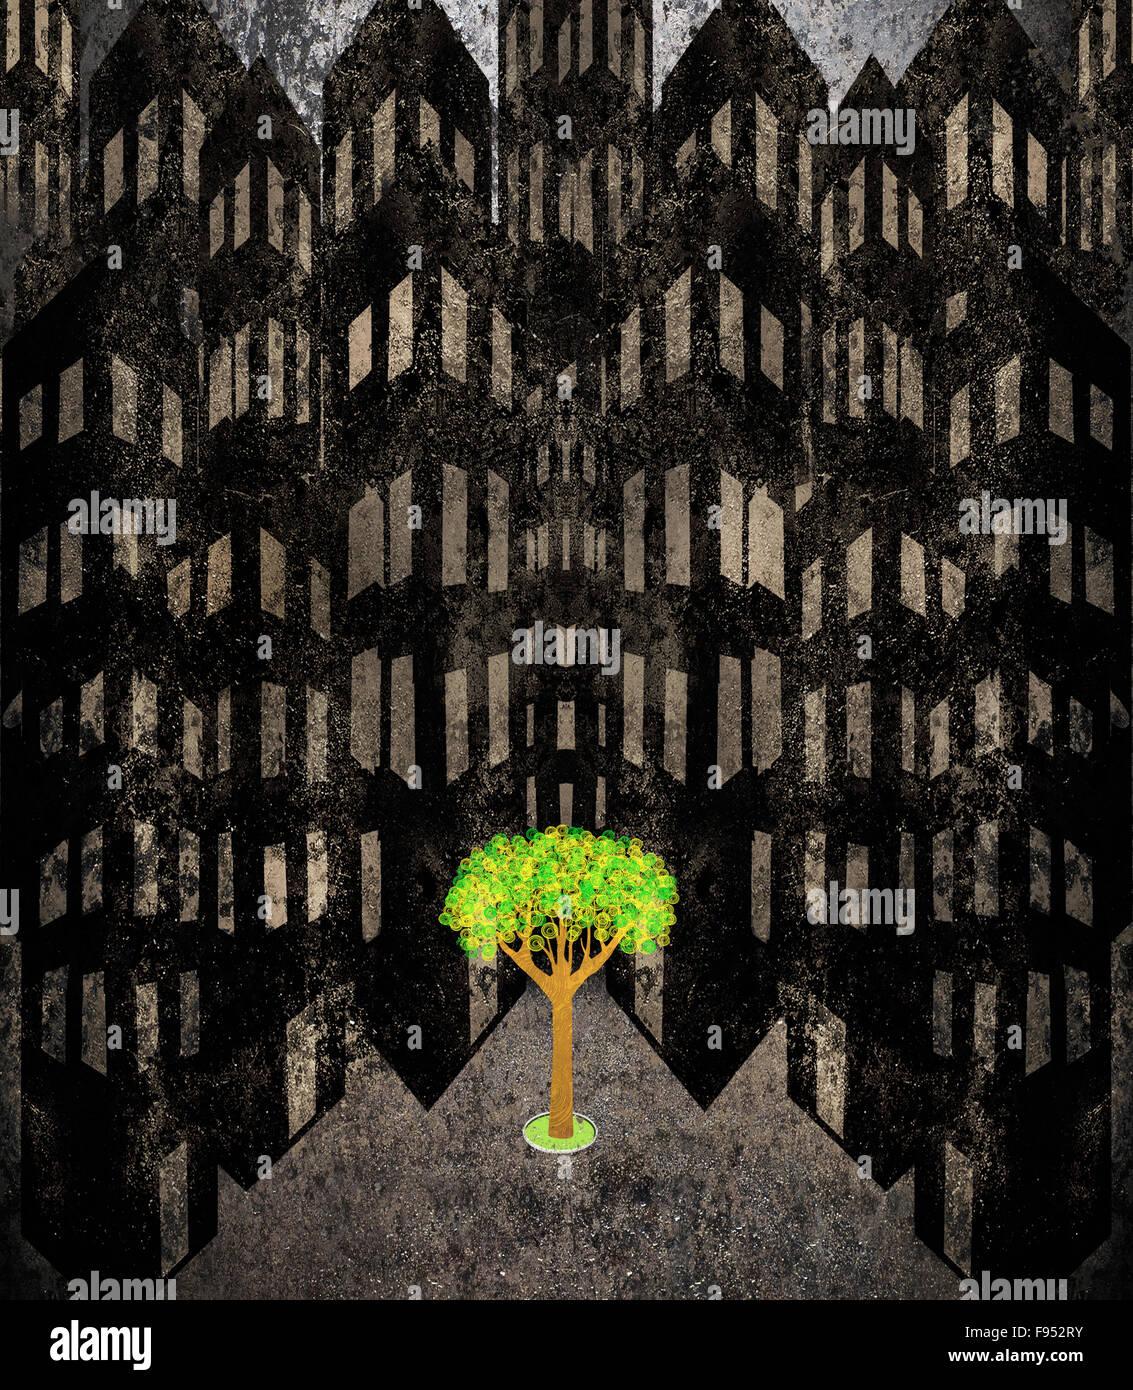 Solitario árbol en un paisaje urbano ilustración digital Imagen De Stock